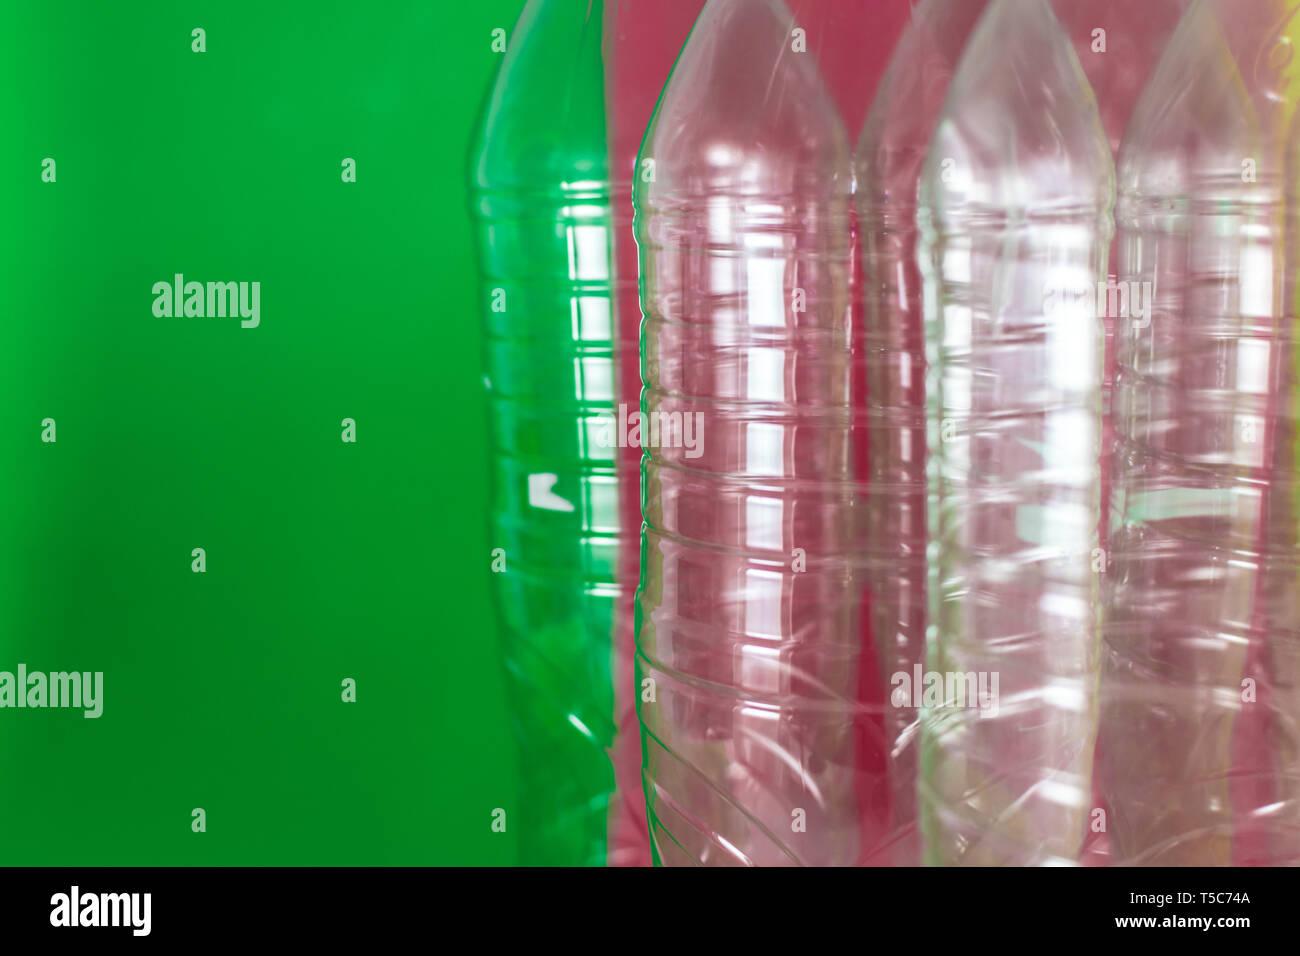 Un pacco di vuoto e materiale plastico riciclabile e bottiglie di acqua, su un vibrante di colore verde e rosso vino sfondo. Il riutilizzo ecosostenibile, il concetto di ambiente Immagini Stock